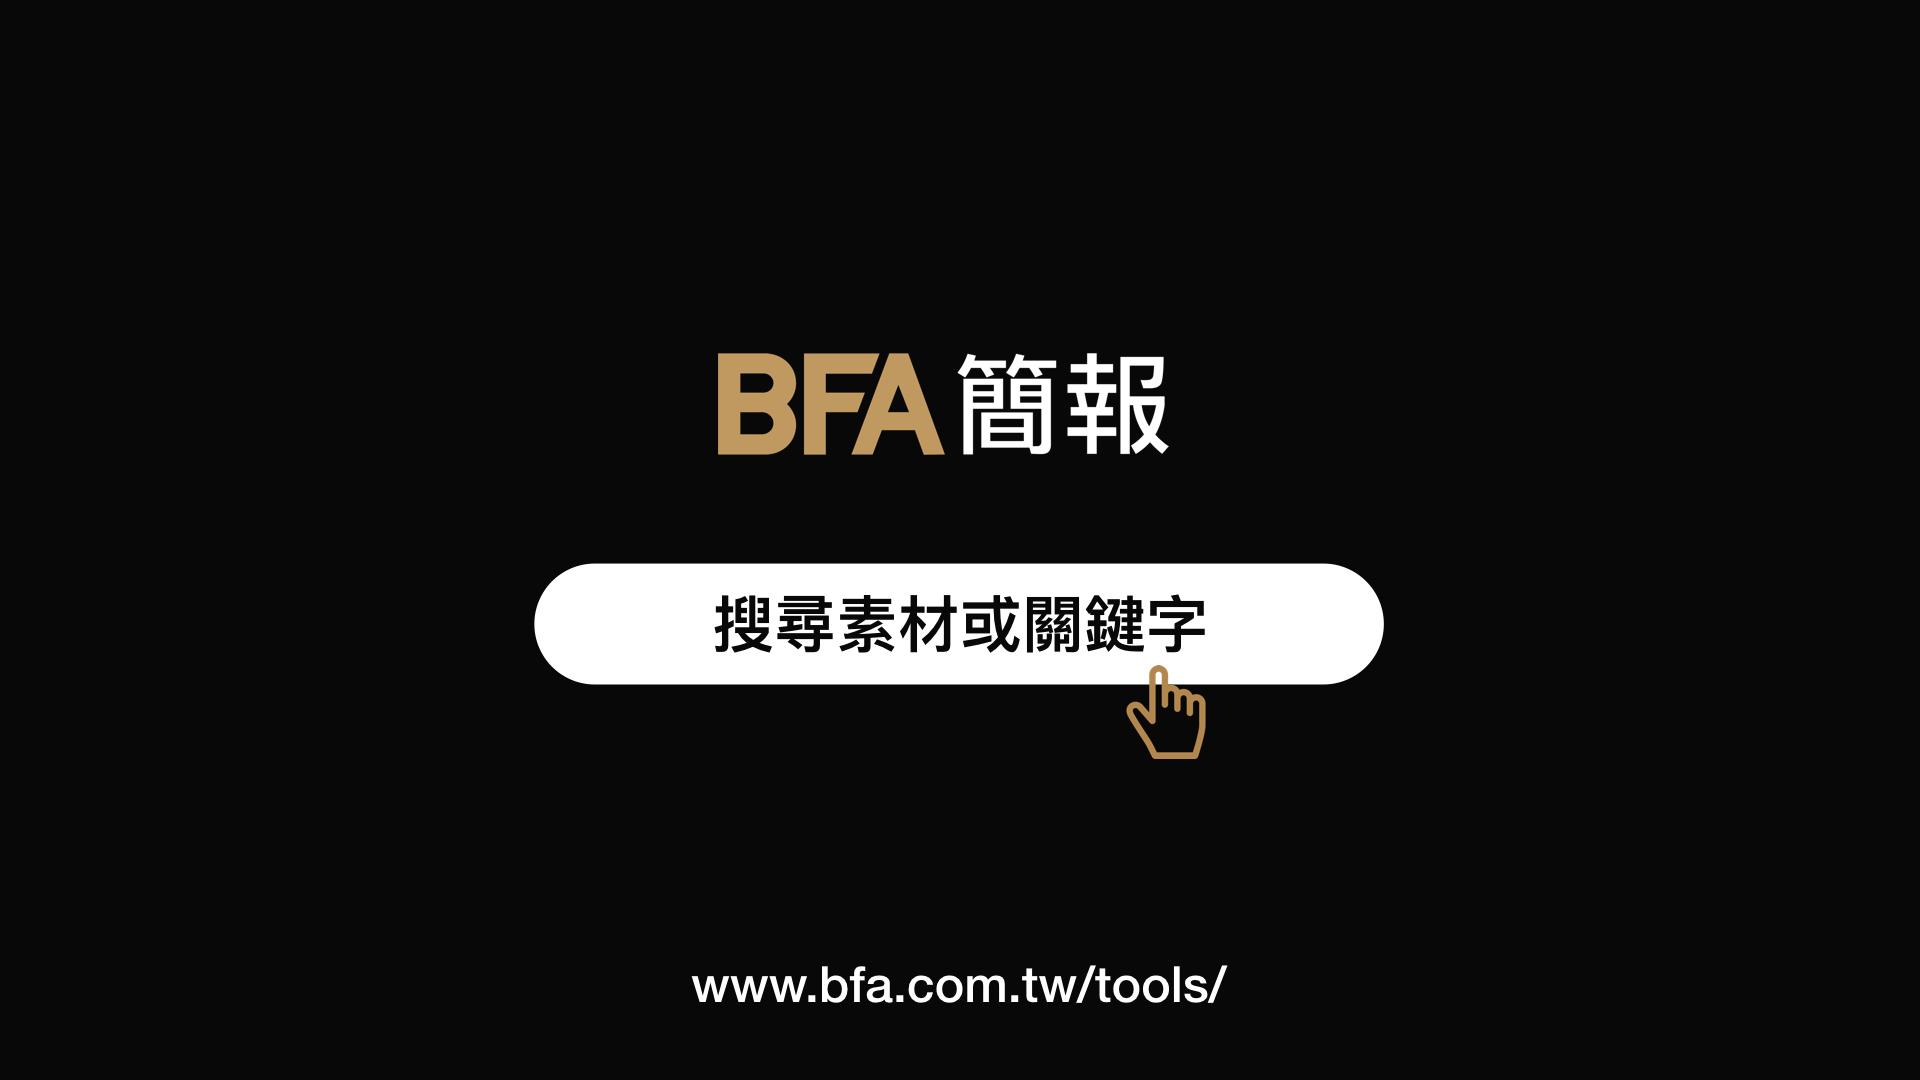 BFA 簡報.jpeg